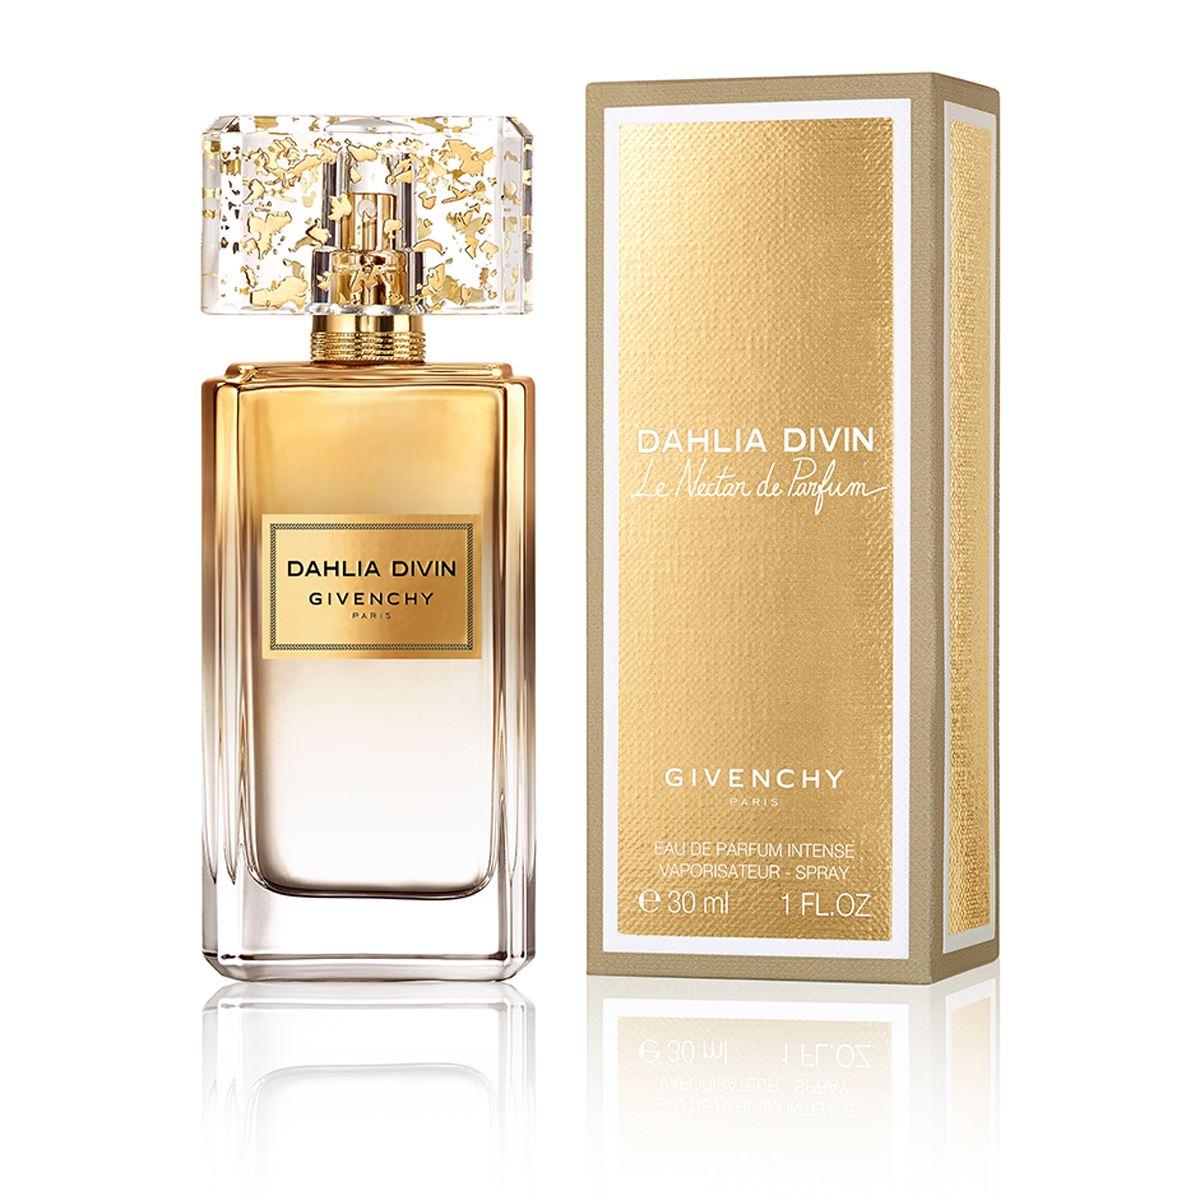 Givenchy fragancia dahlia divin le nectar de parfum para dama 30 ml edp  - Sanborns